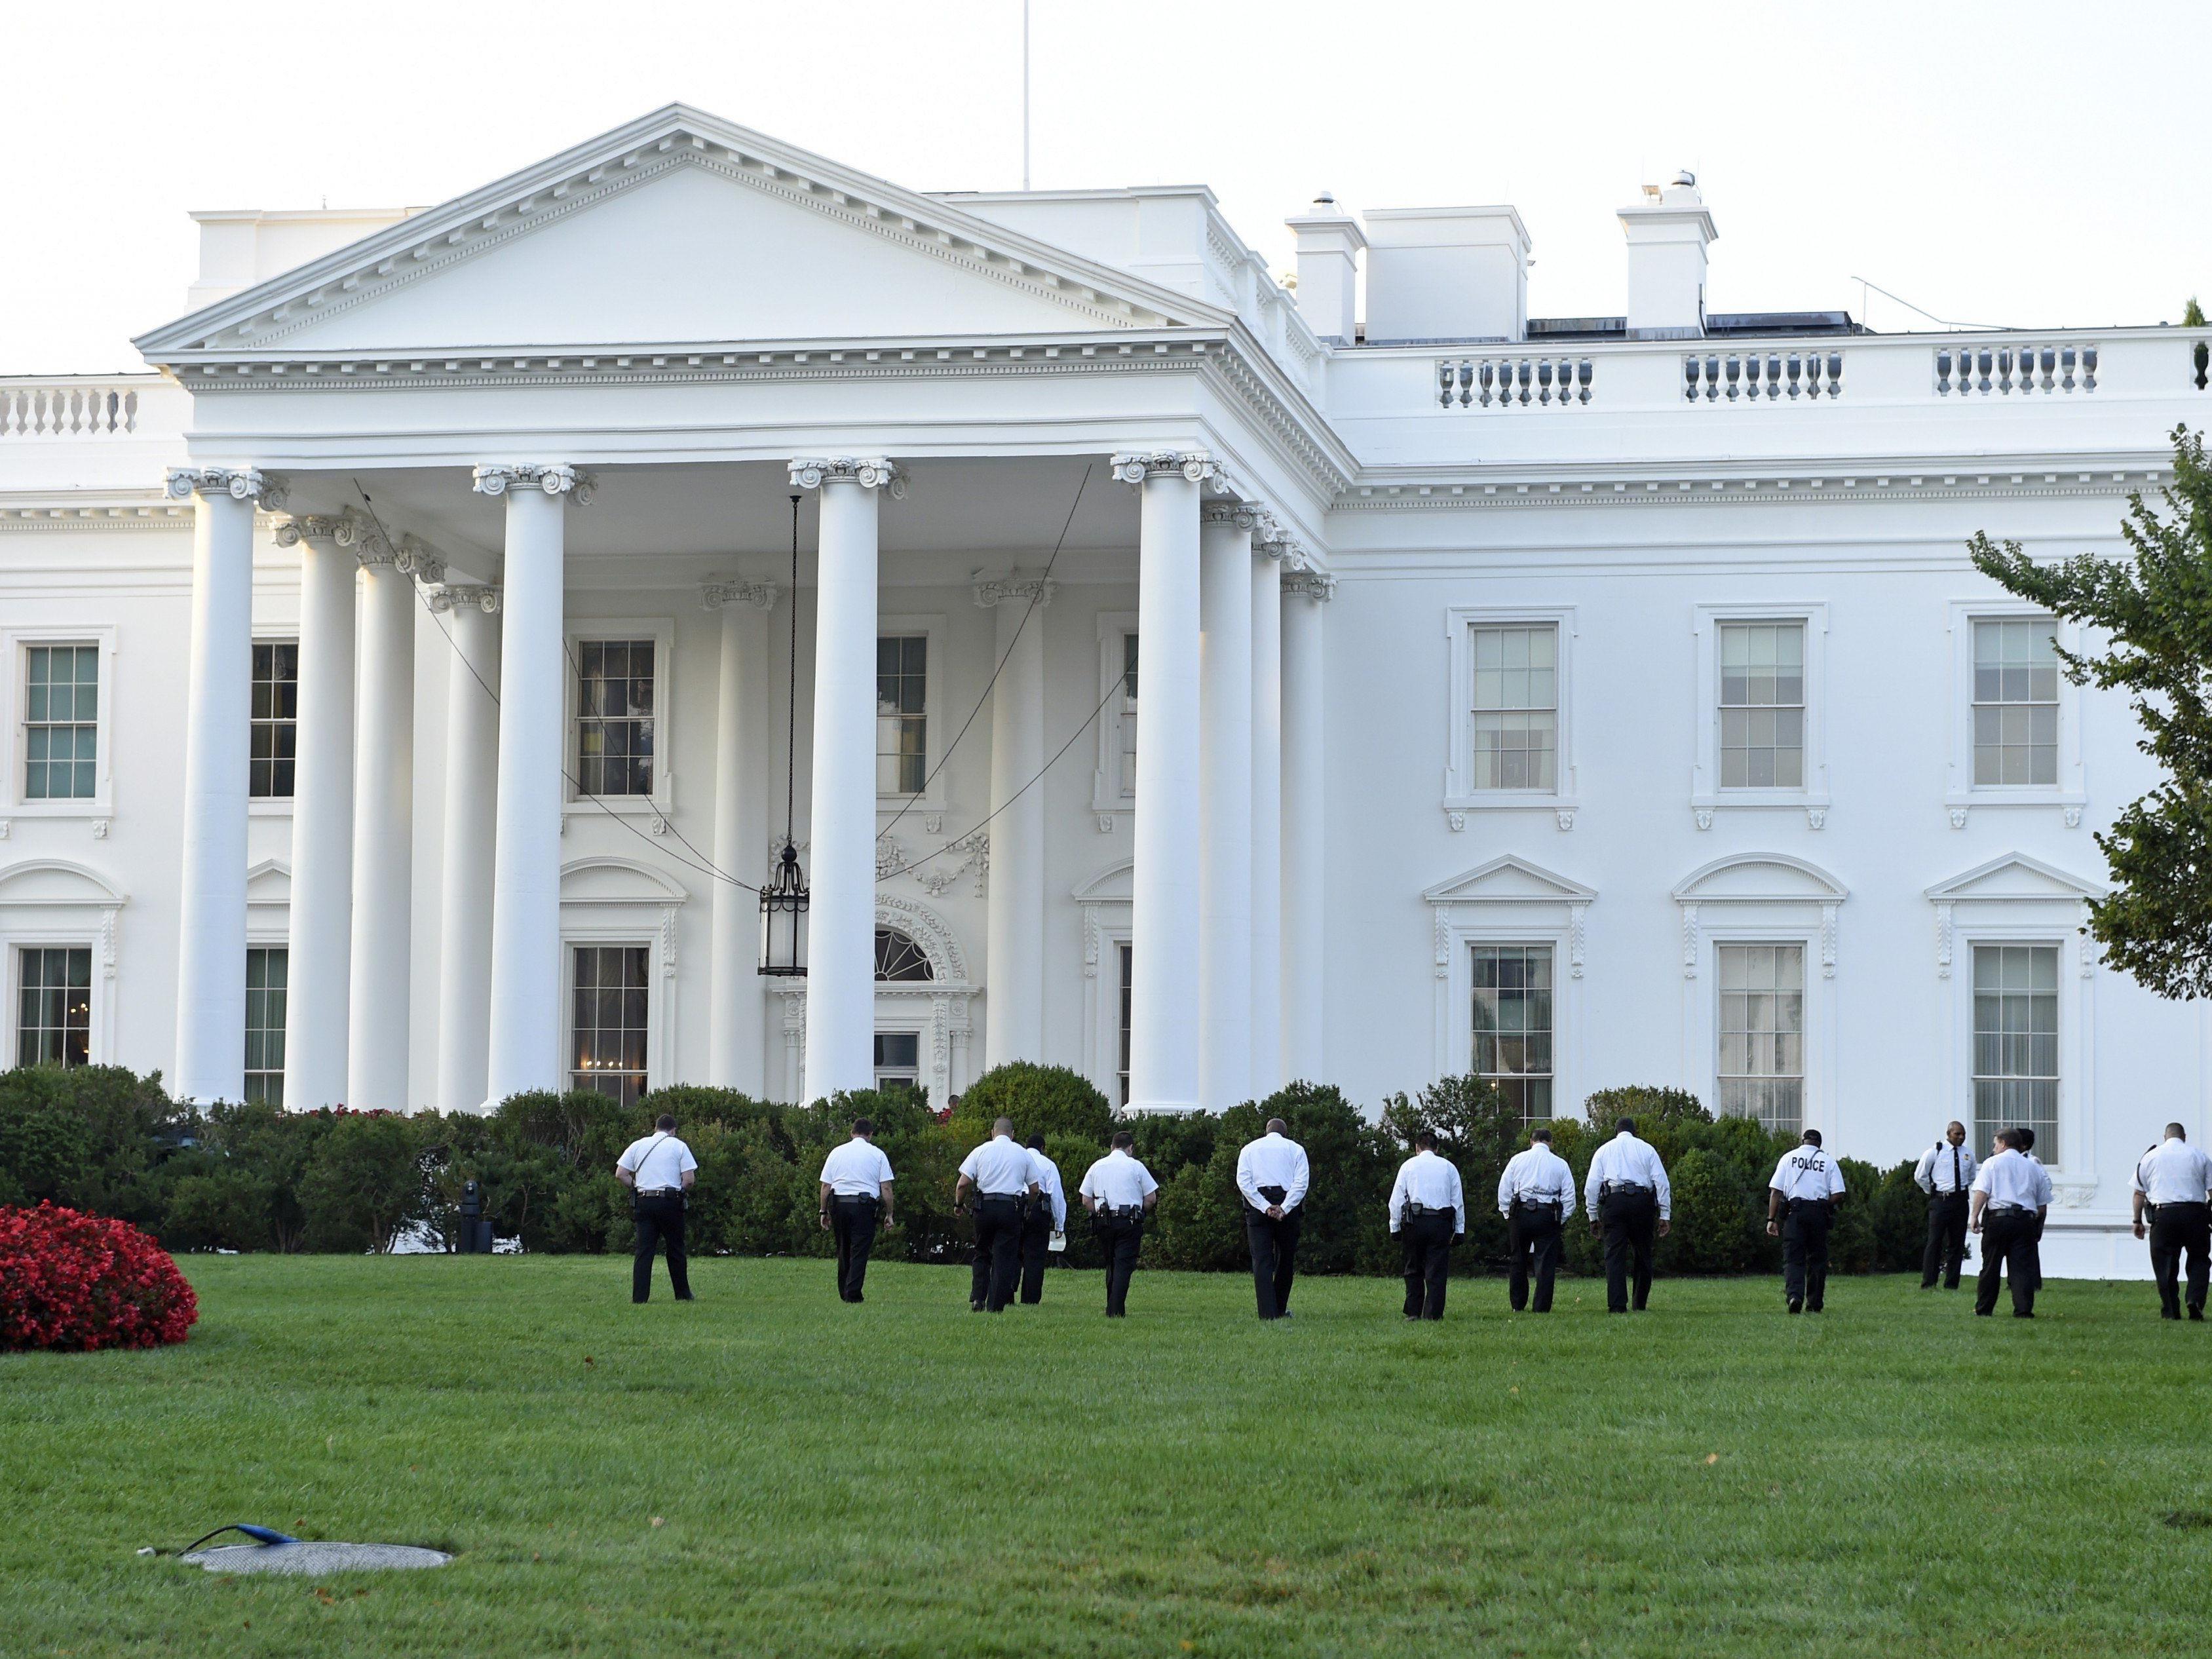 Ein Mann drang mit einem Klappmesser ins Weiße Haus ein.